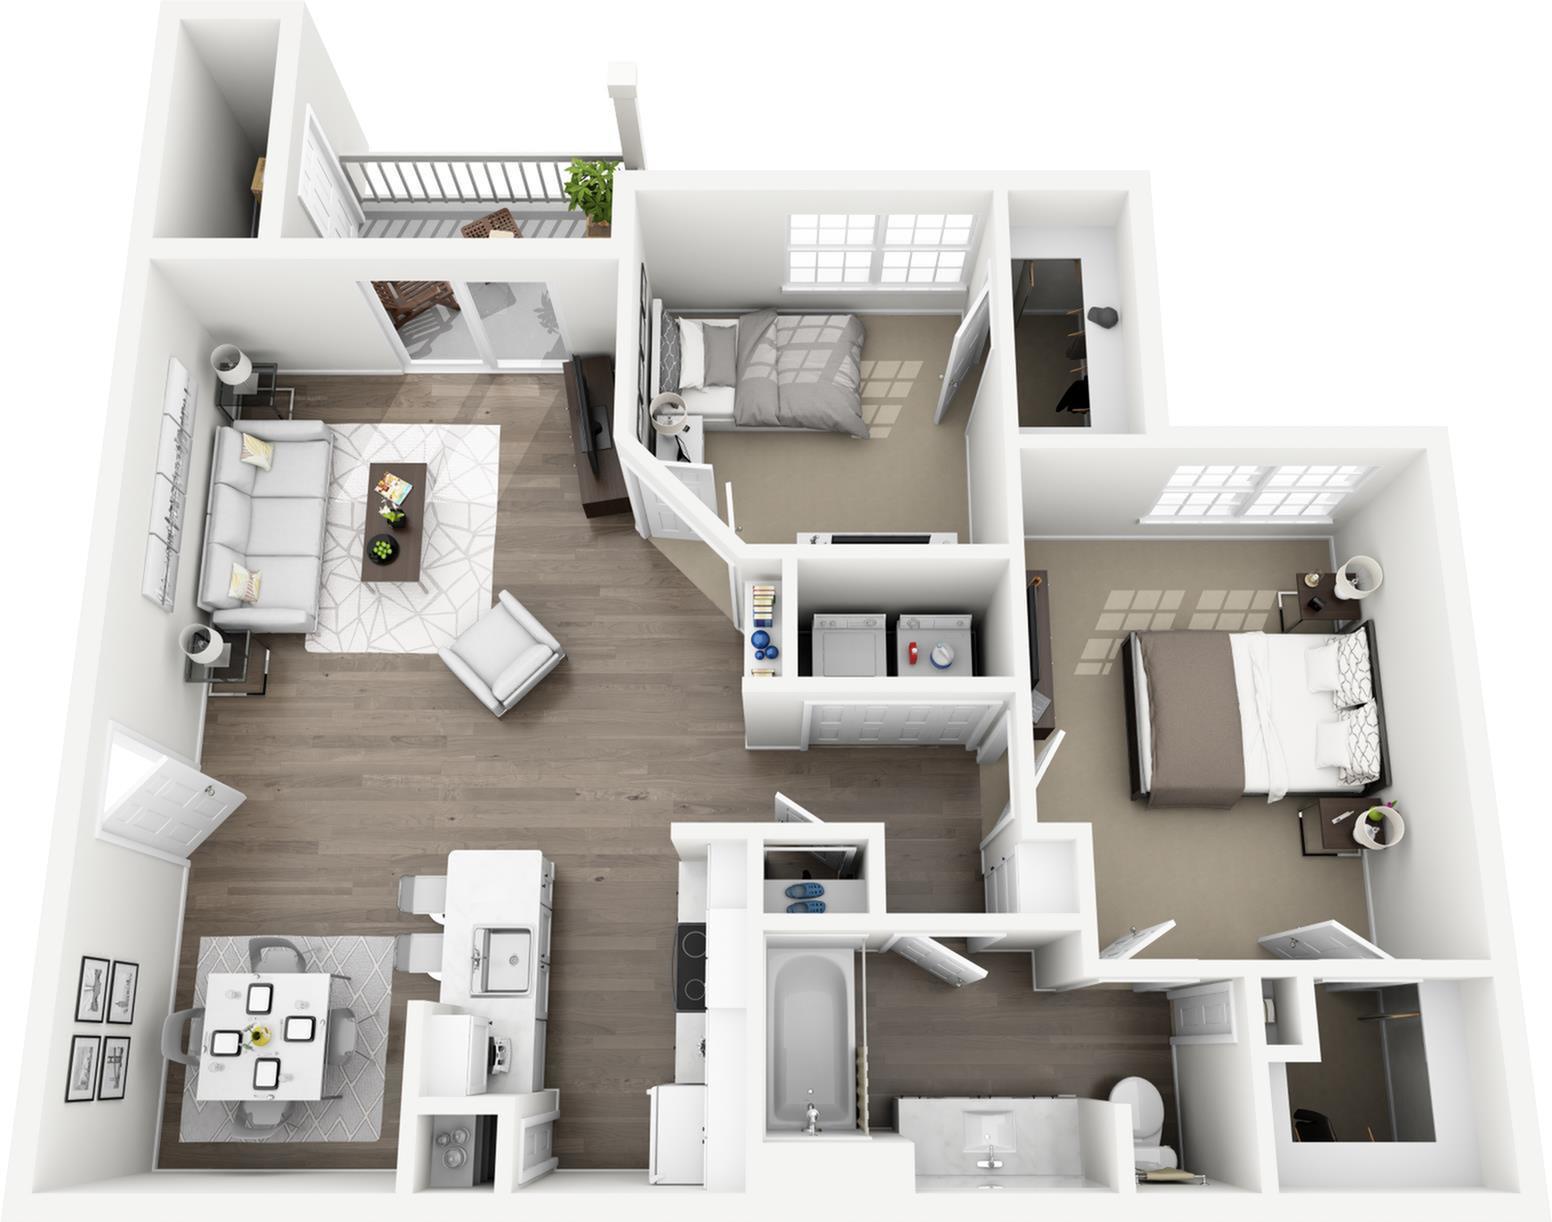 B1 - The Corrigan Floor Plan | Lexington Farms | Apartments in Overland Park, KS